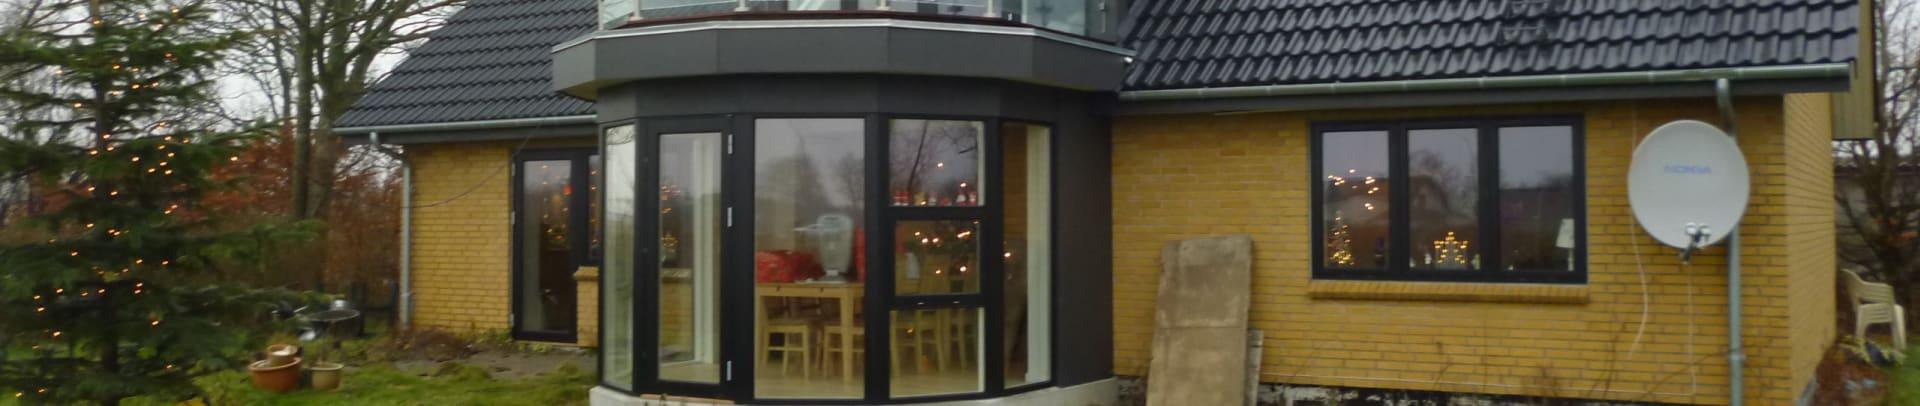 Tømrerfirma Aalborg